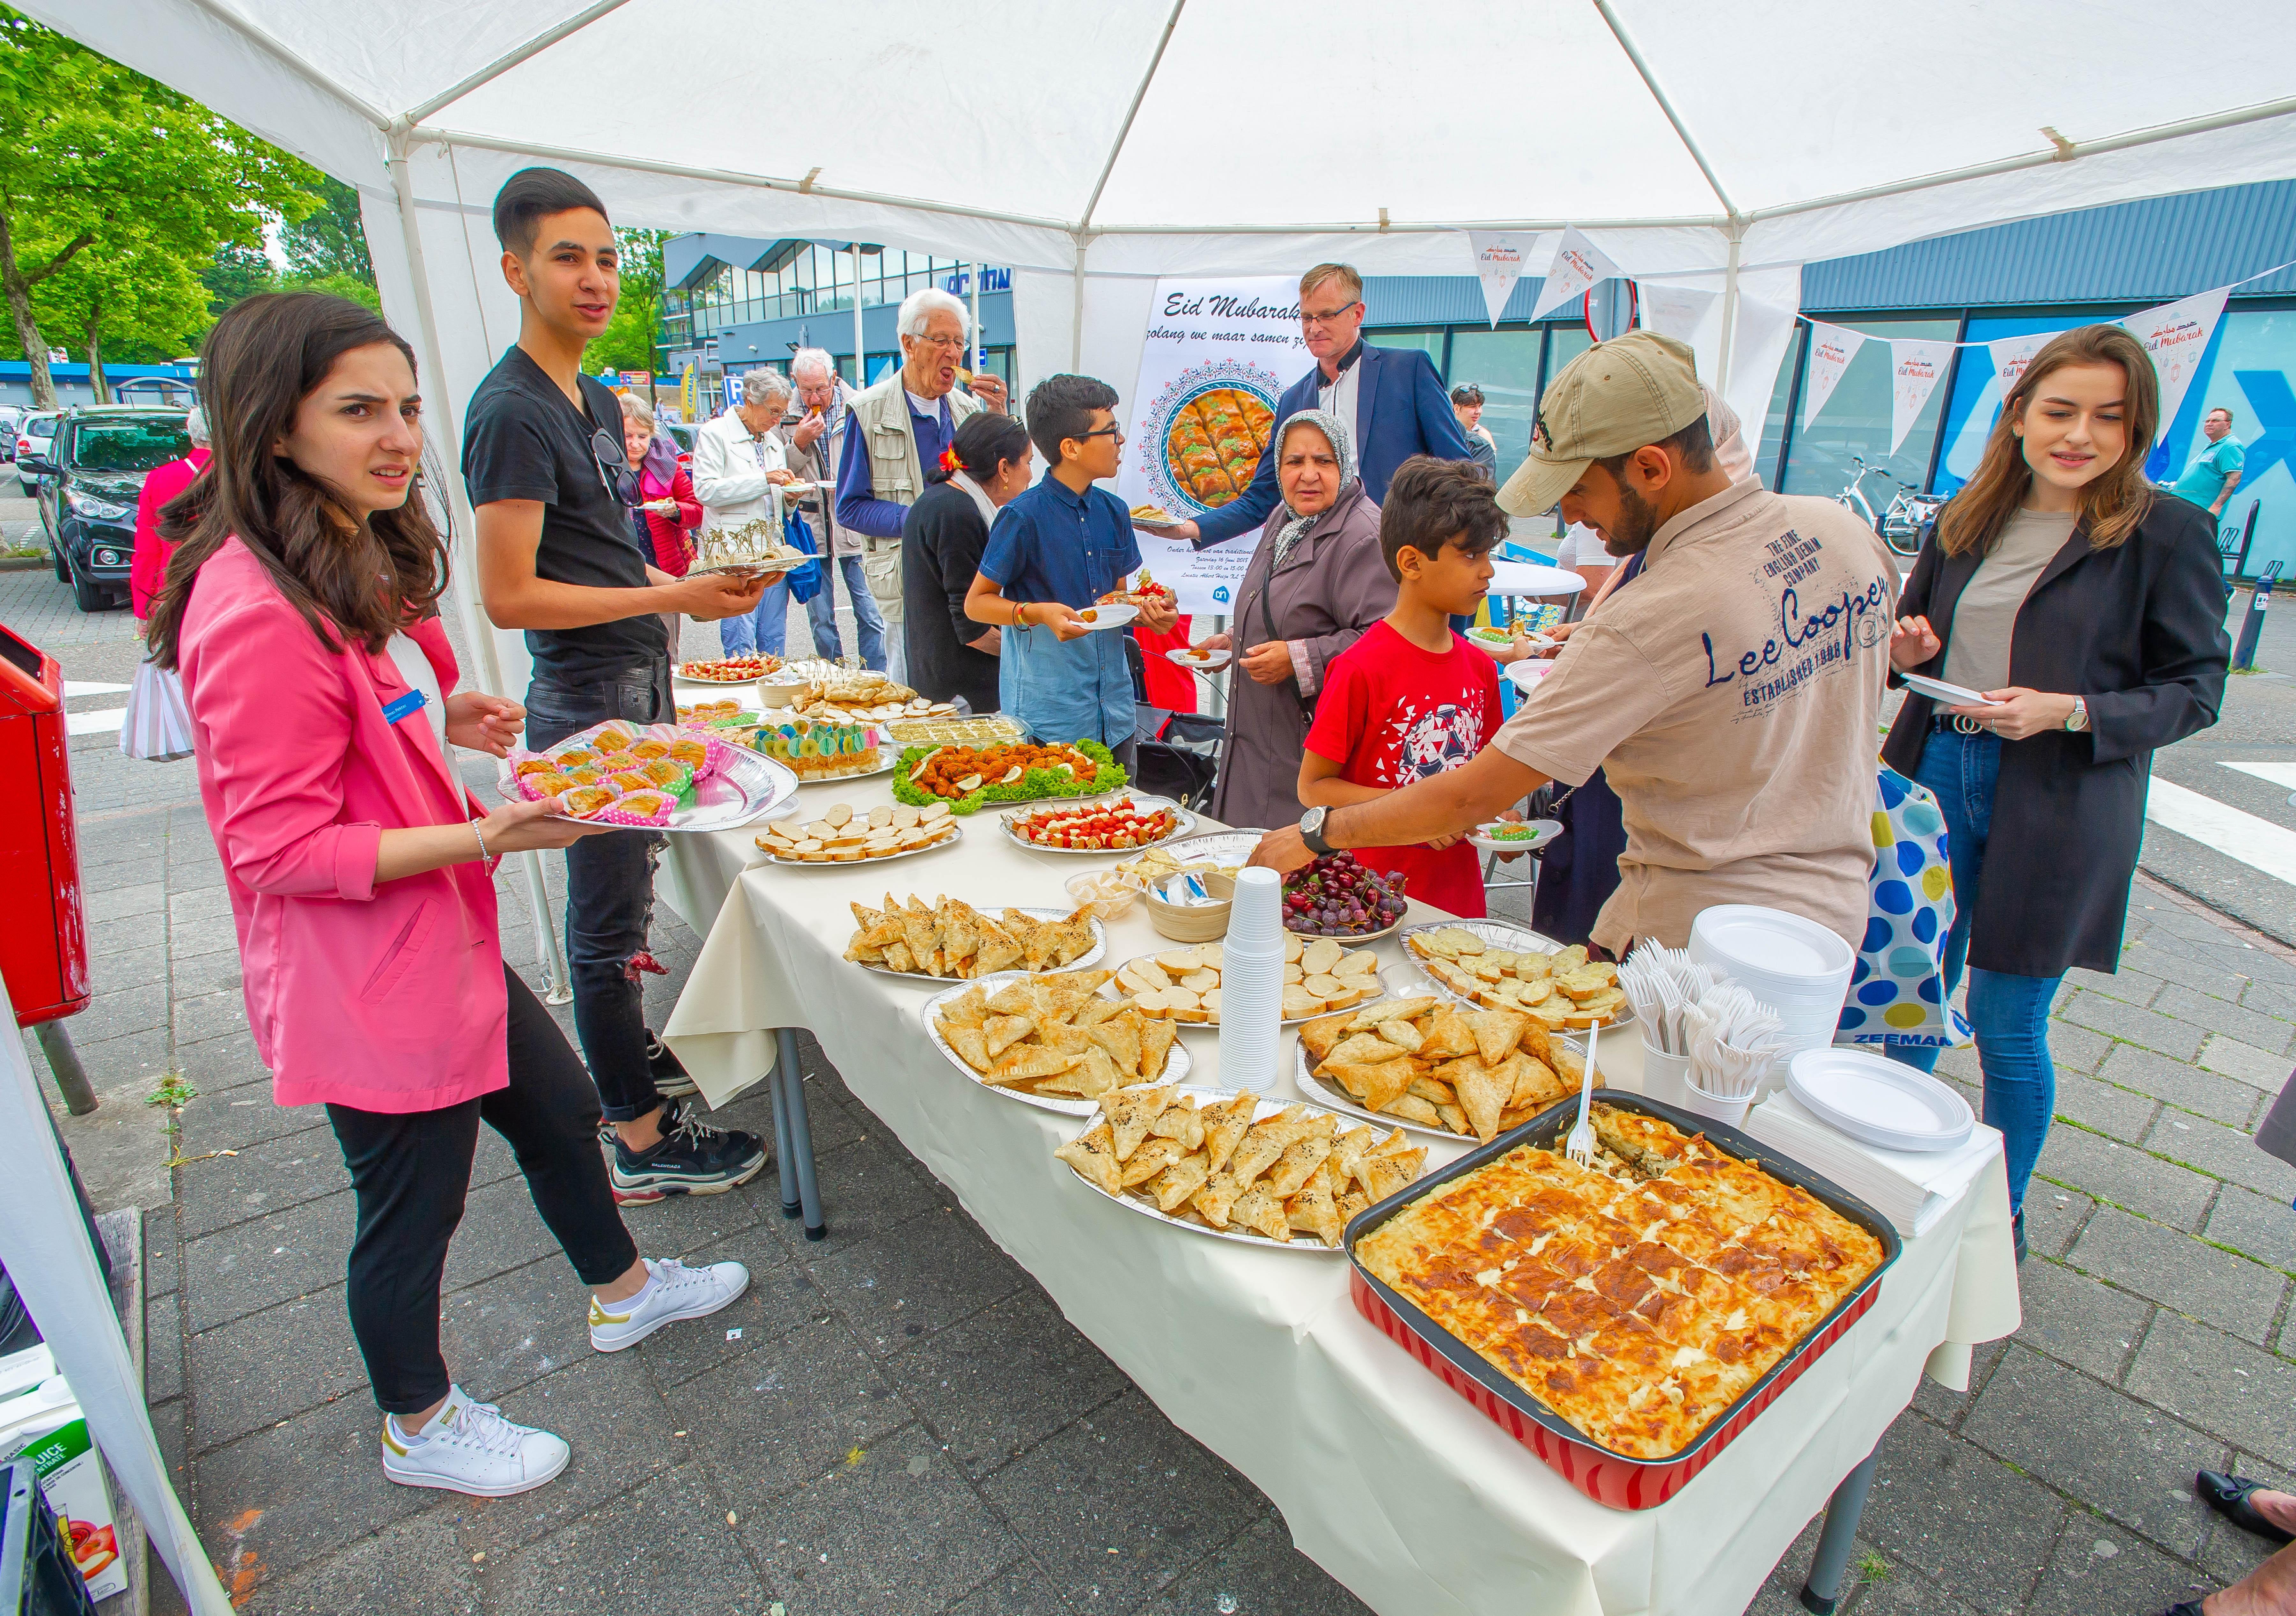 Suikerfeest in Zaandam: snoepen bij de supermarkt